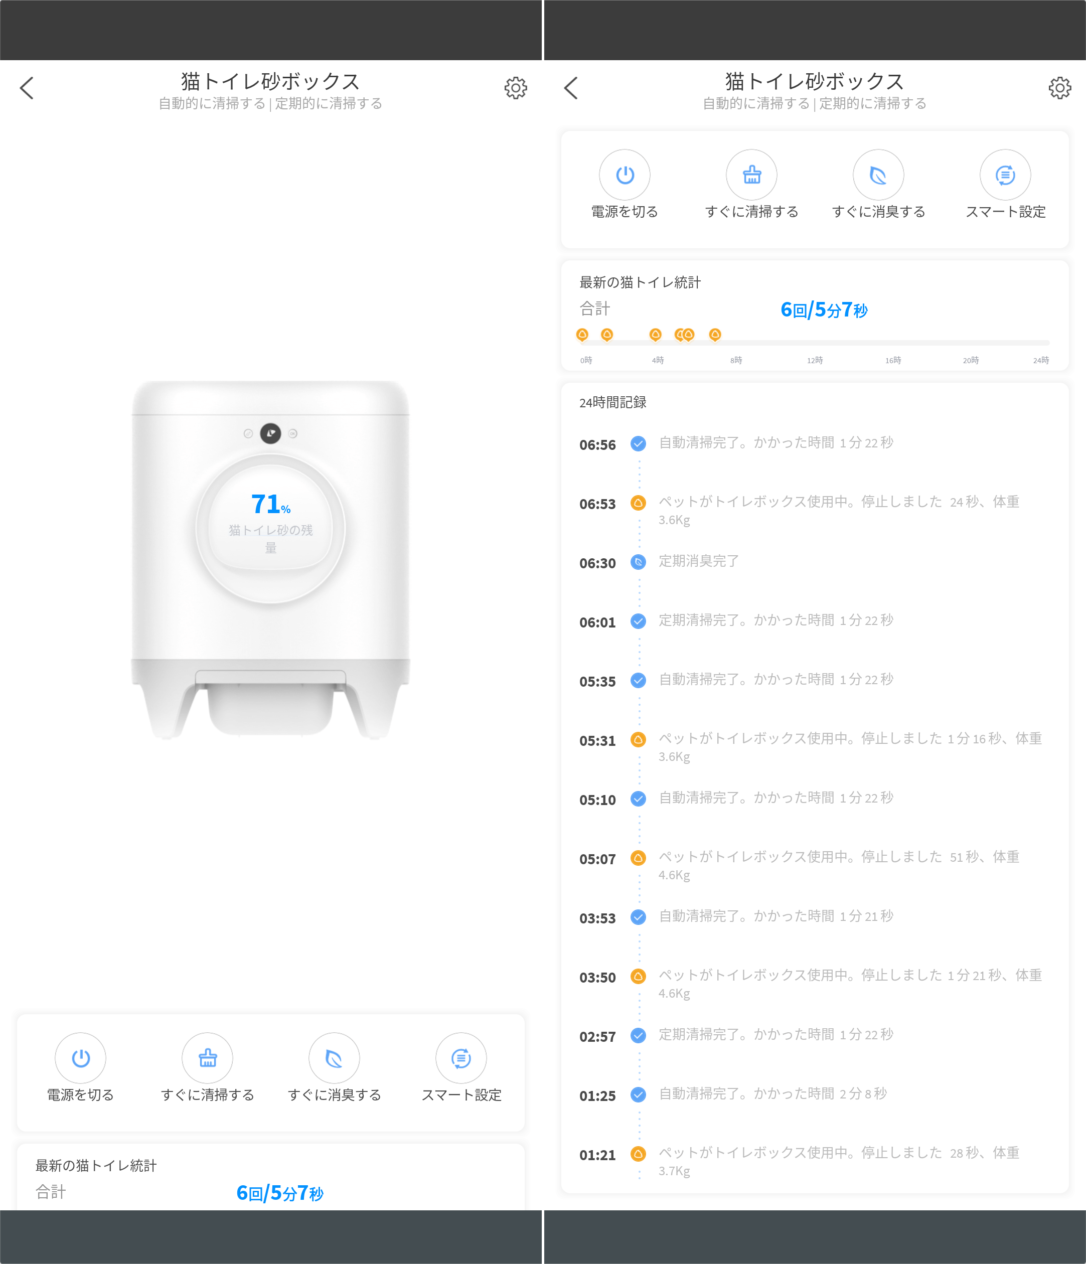 PETKITアプリ